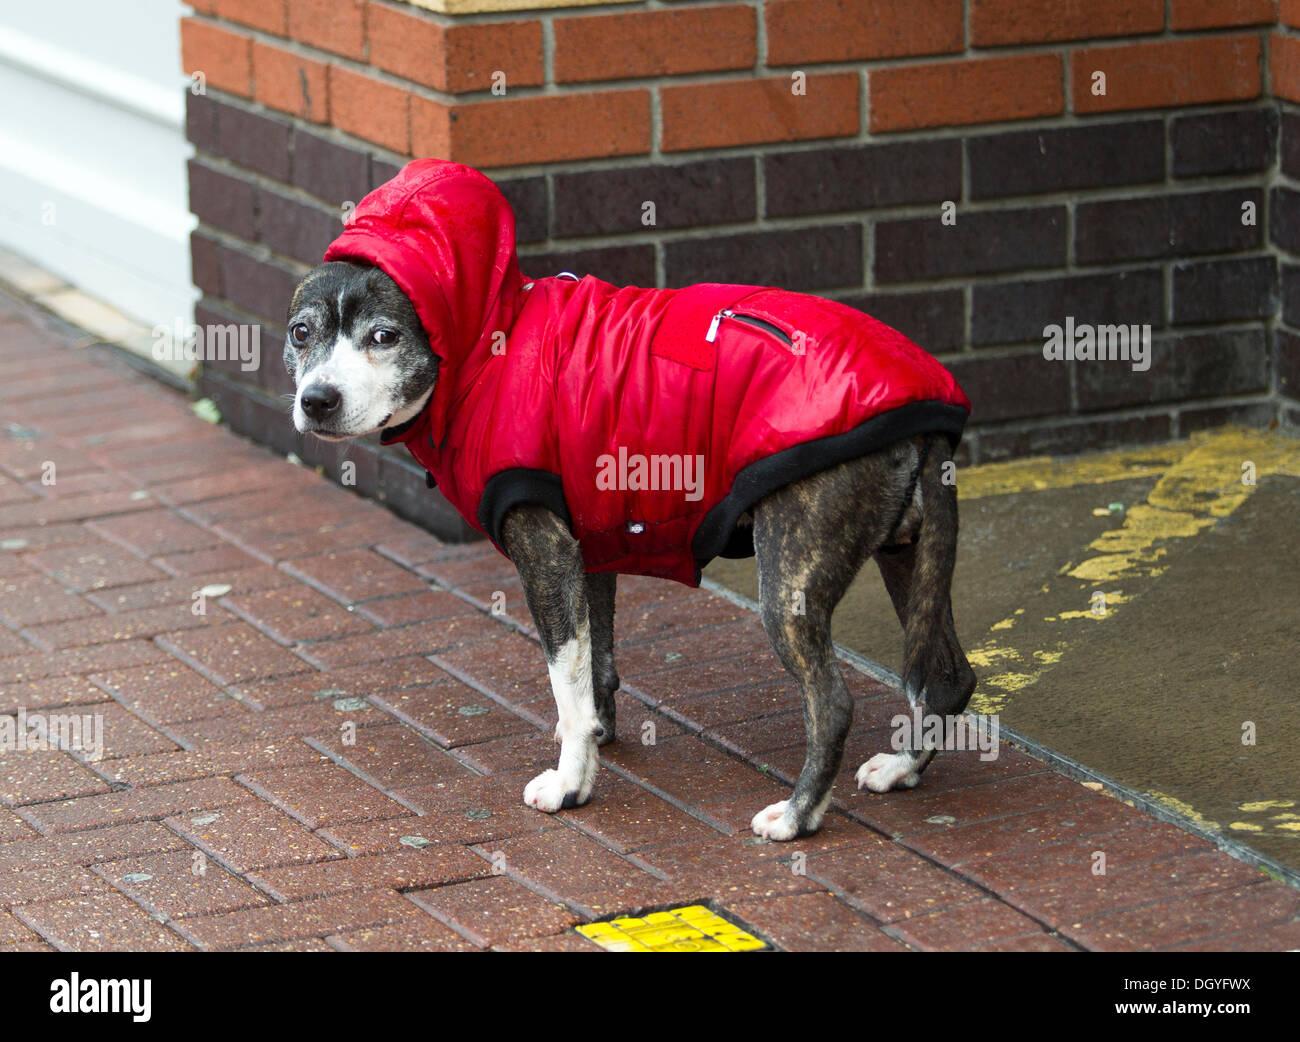 Southend on Sea, Essex, England. 28. Oktober 2013.  7,59 bin Hund in einen Regenmantel, Southend-on-sea High Street der Sturm, genannt St. Jude, brachte das windigste Wetter Großbritannien seit 1987 getroffen. Bildnachweis: Graham Whitby Boot/Alamy Live News Stockbild